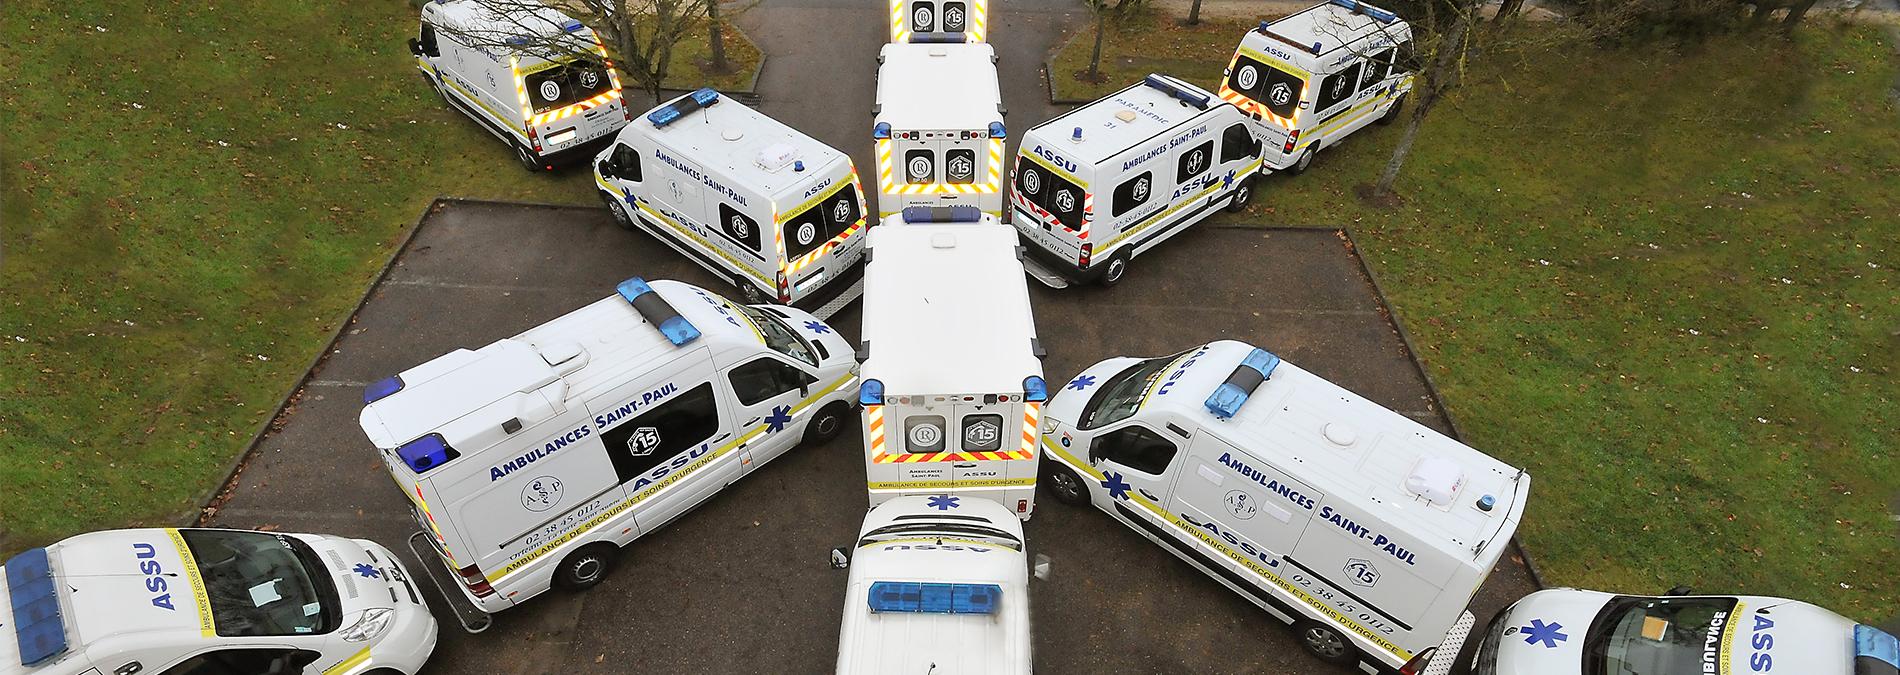 ambulance sud reunion